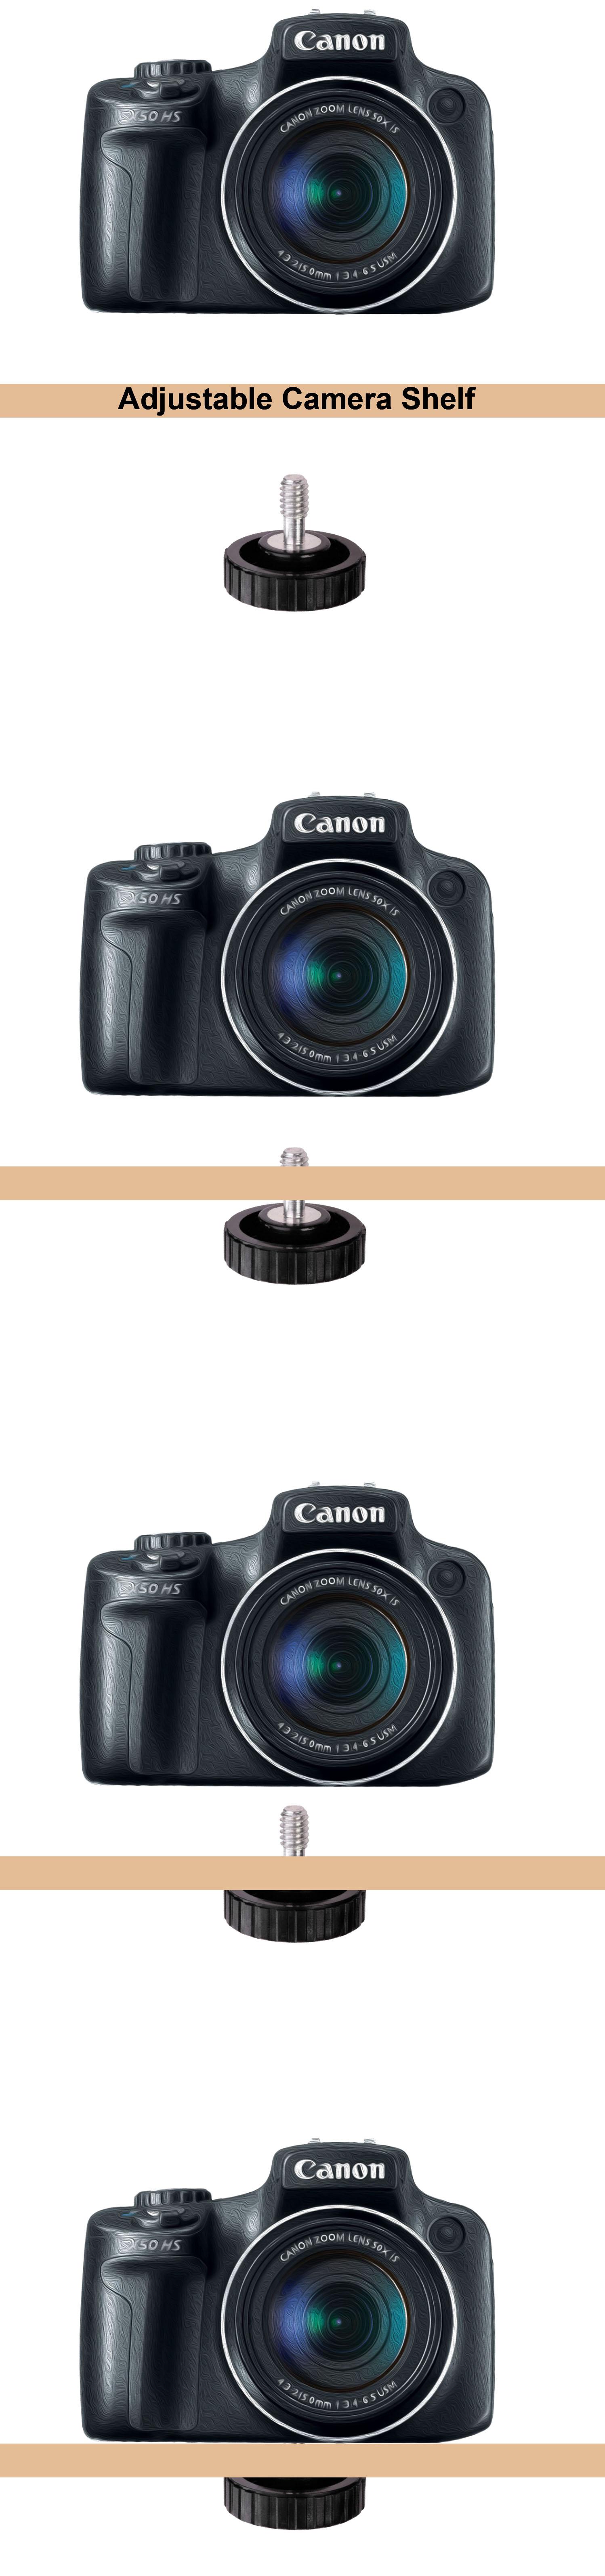 camera-mounting-screw-detail.jpg